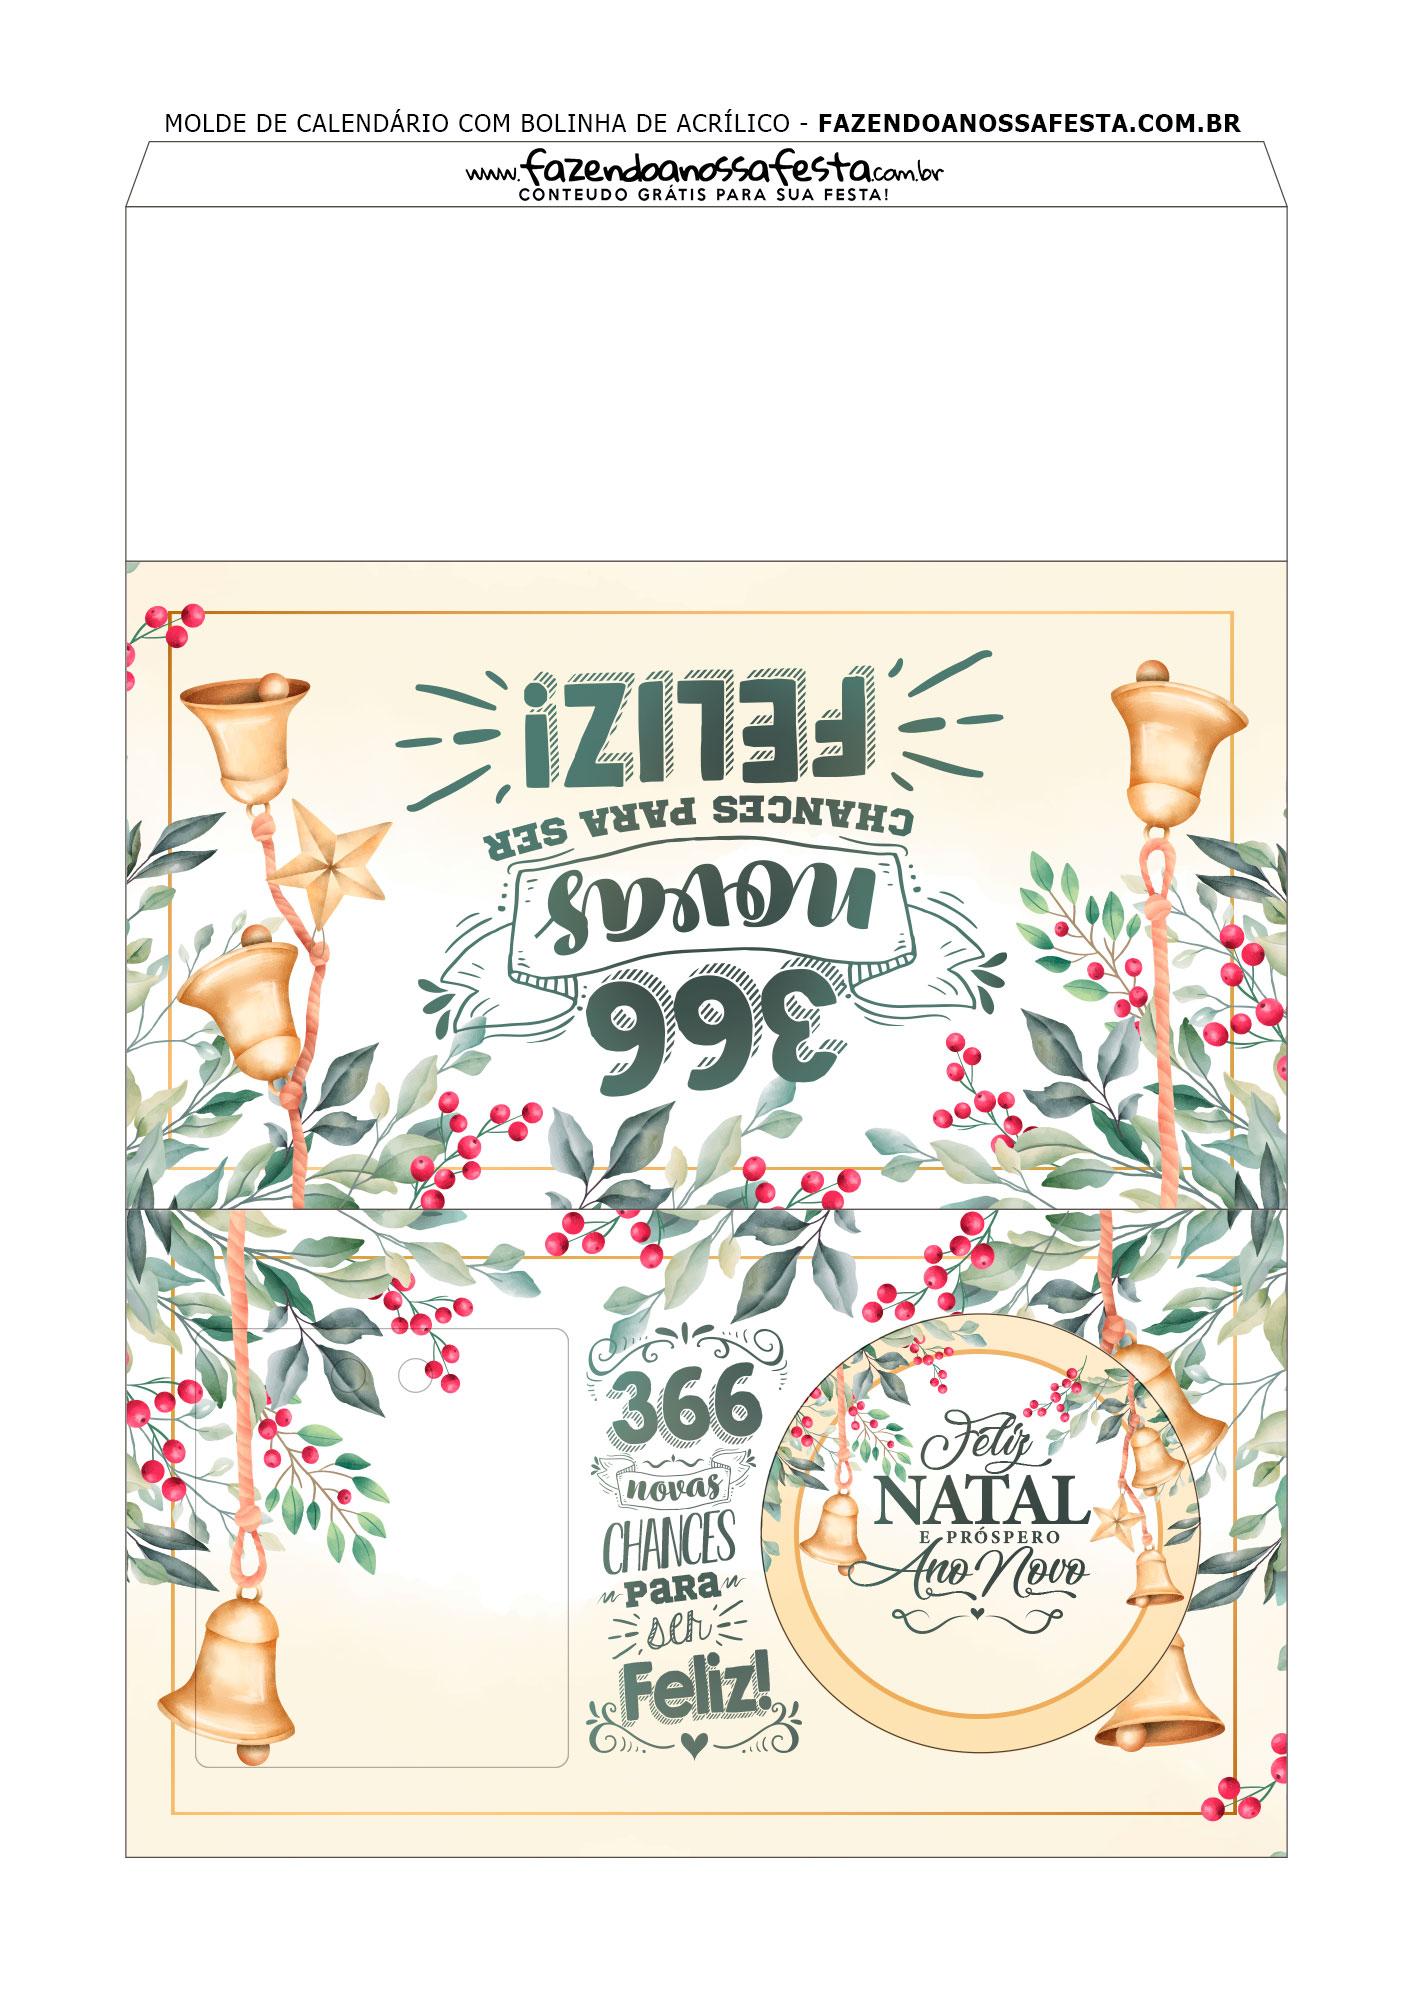 calendario personalizado com bolinha de natal